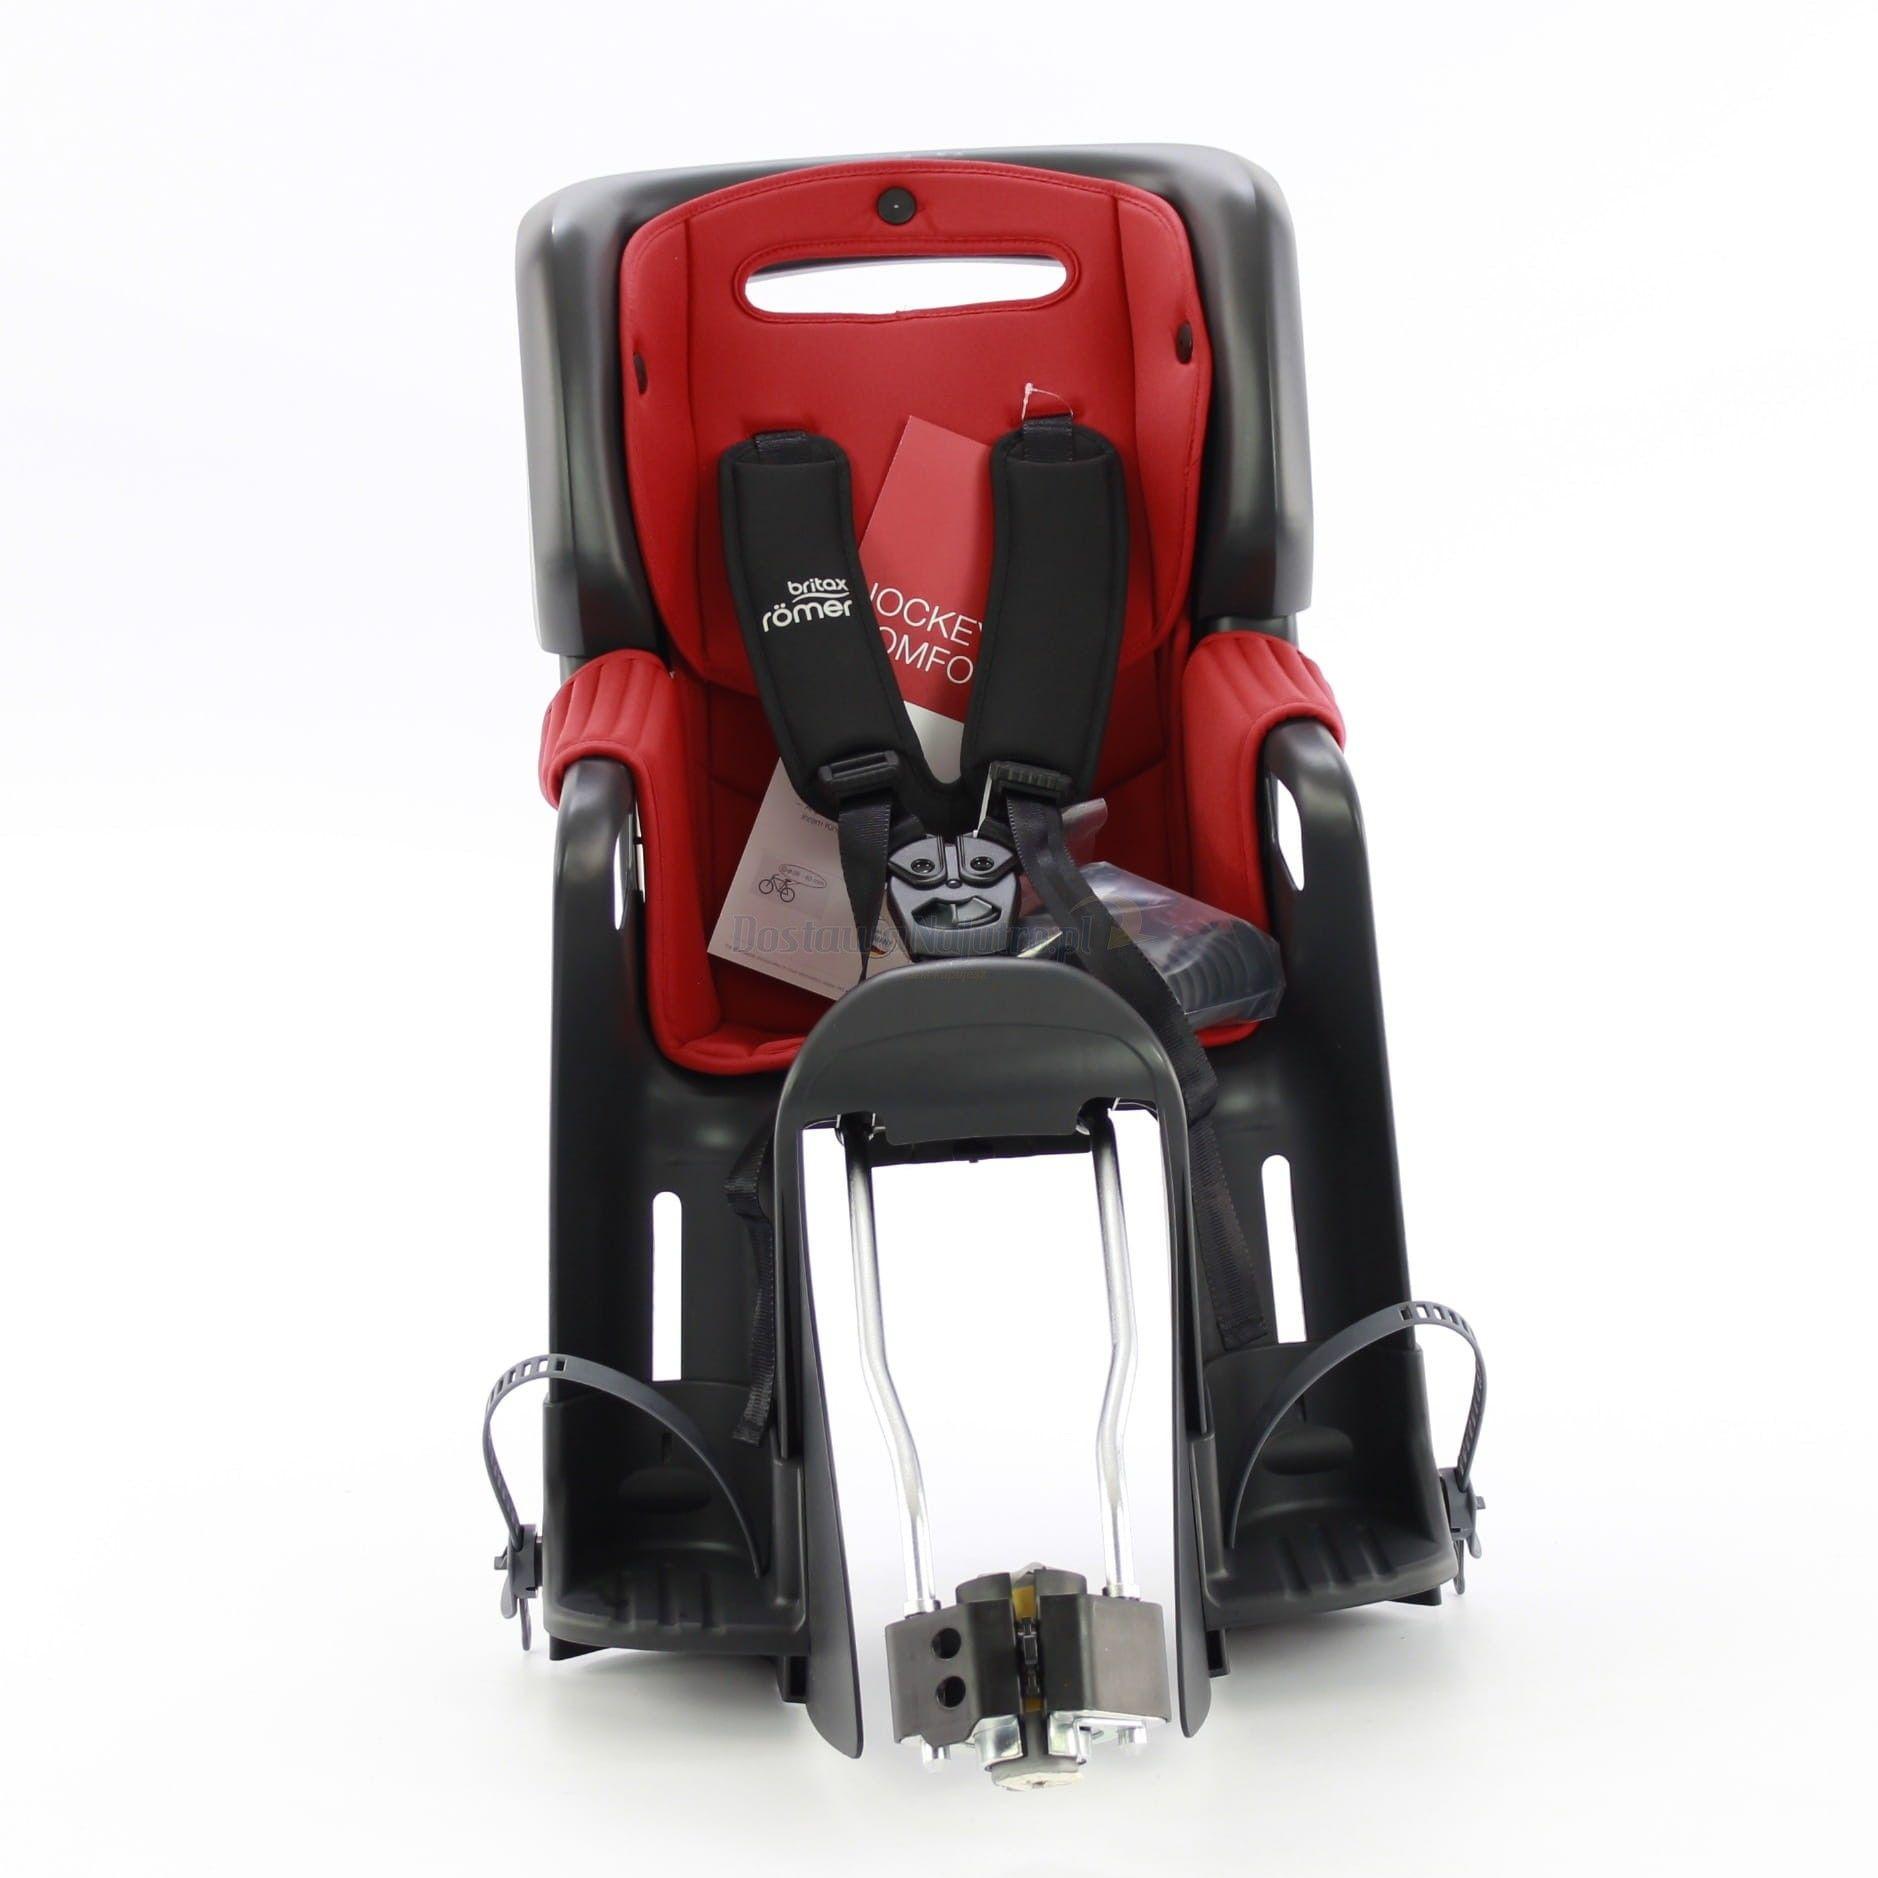 Fotelik rowerowy ROMER JOCKEY 3 COMFORT BRITAX- kolor wyściółki czerwono-granatowy 2020